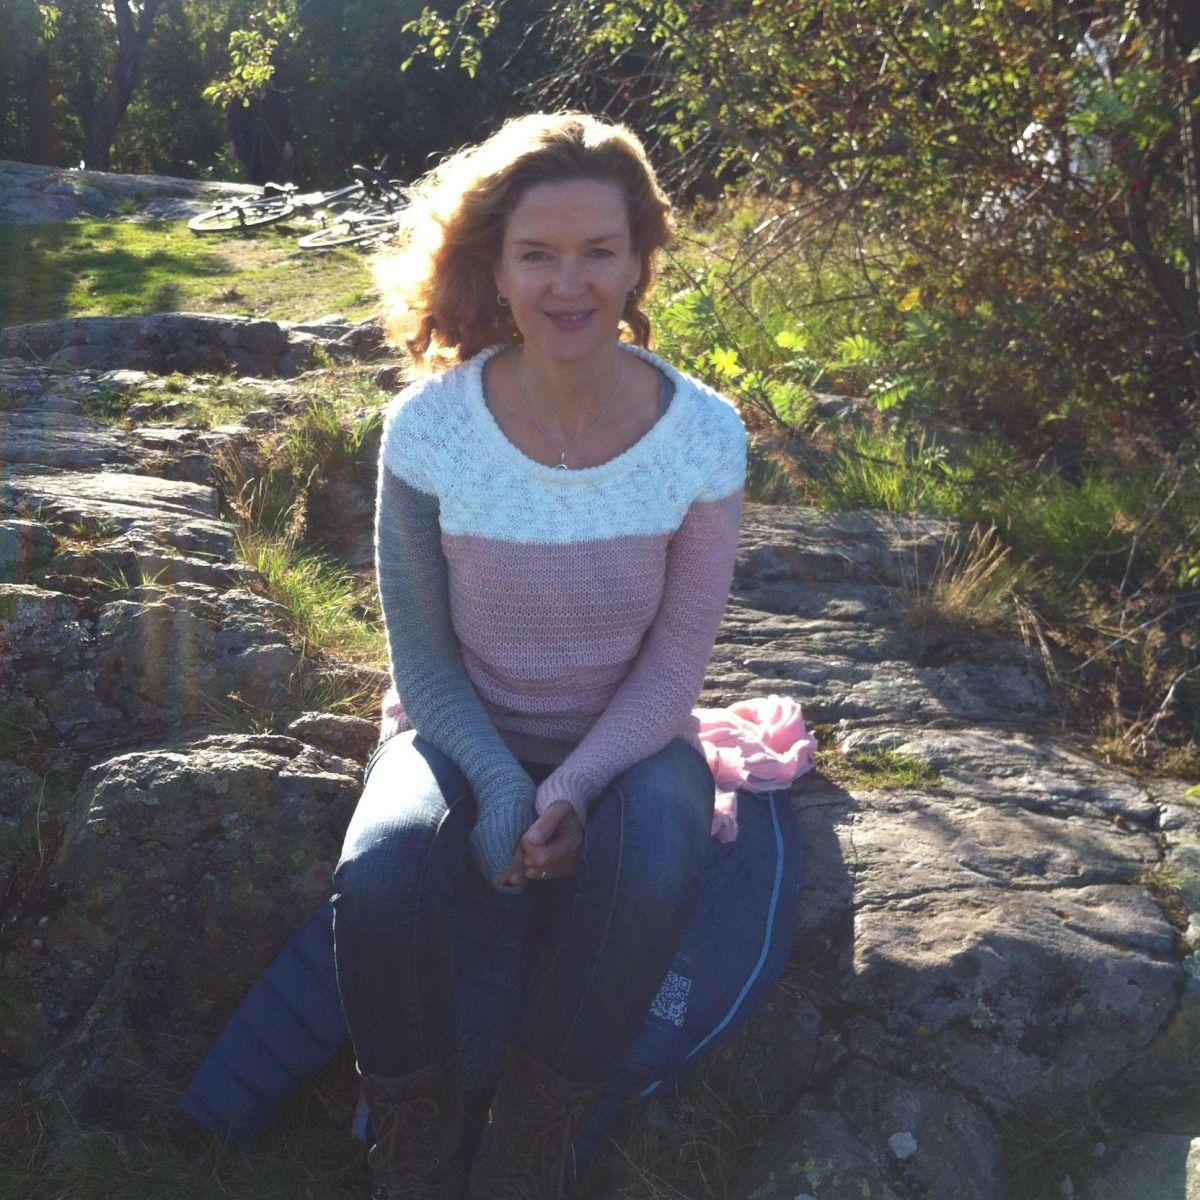 30 jarige vrouw uit Zuidlaarderveen Drenthe zoekt man voor Spannend contact, Vriendschap